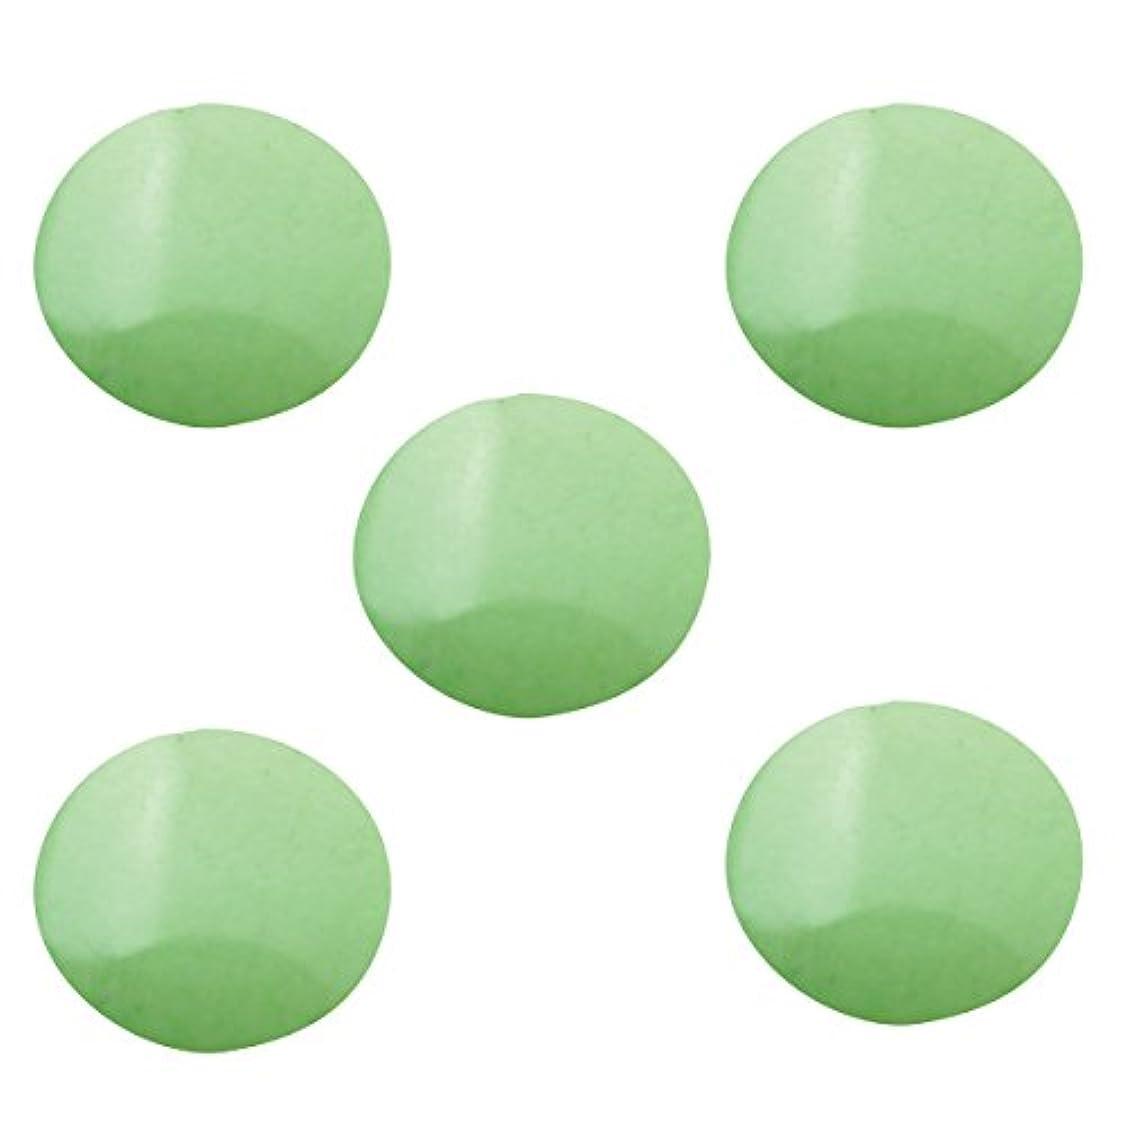 大腿歯痛適用するパステルスタッズ ラウンド 3mm (100個入り) グリーン